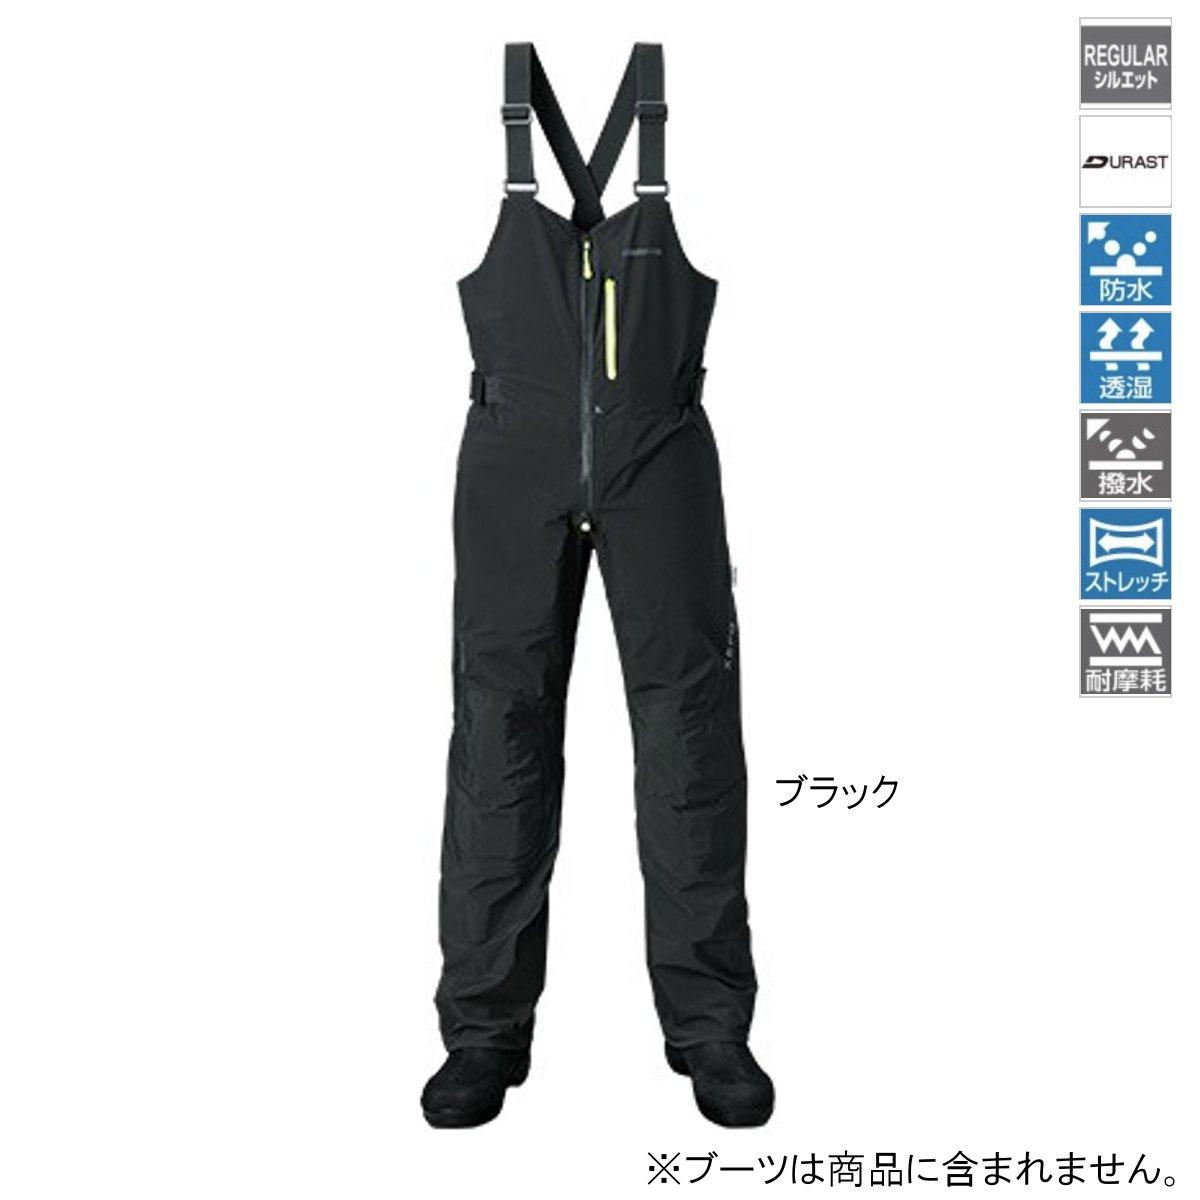 シマノ XEFO・DURASTレインビブ RA-26PS 2XL ブラック(東日本店)